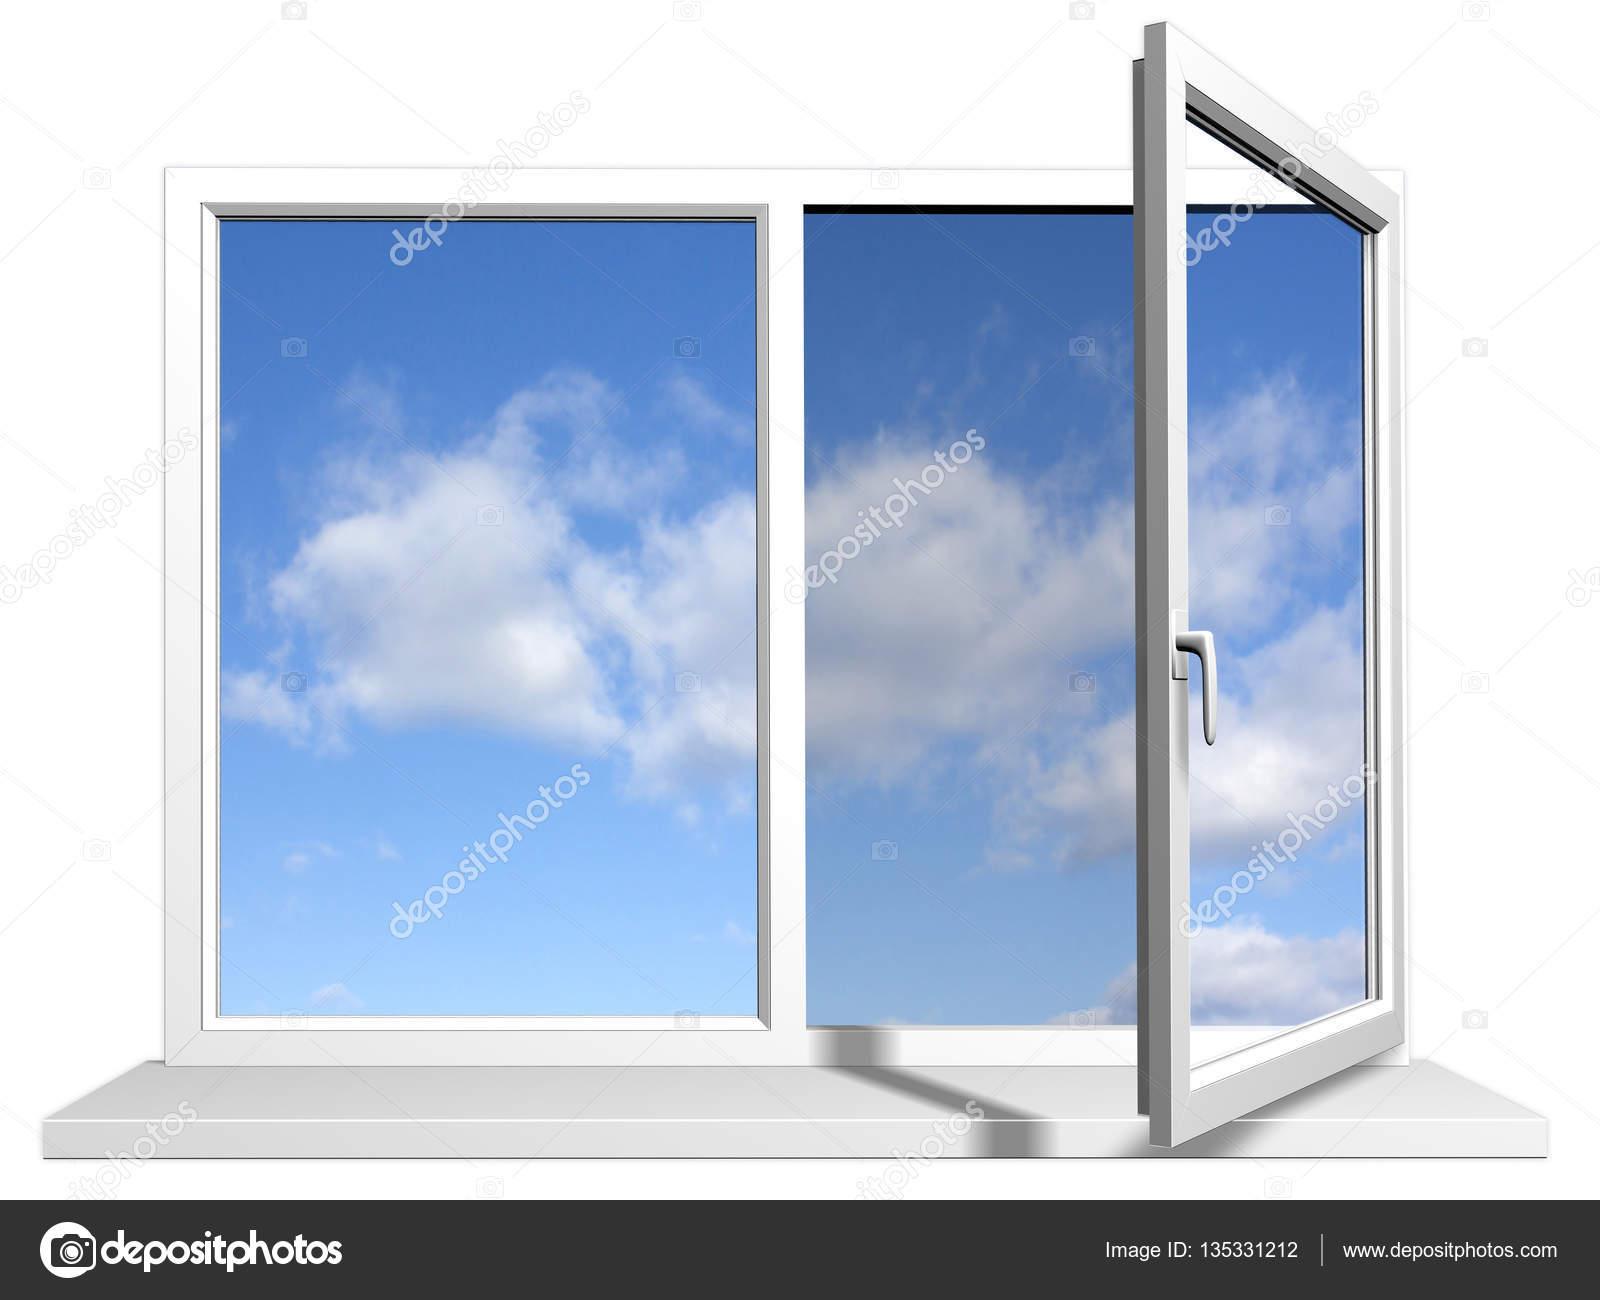 Offenes fenster himmel  Fenster Abbildung — Stockfoto #135331212